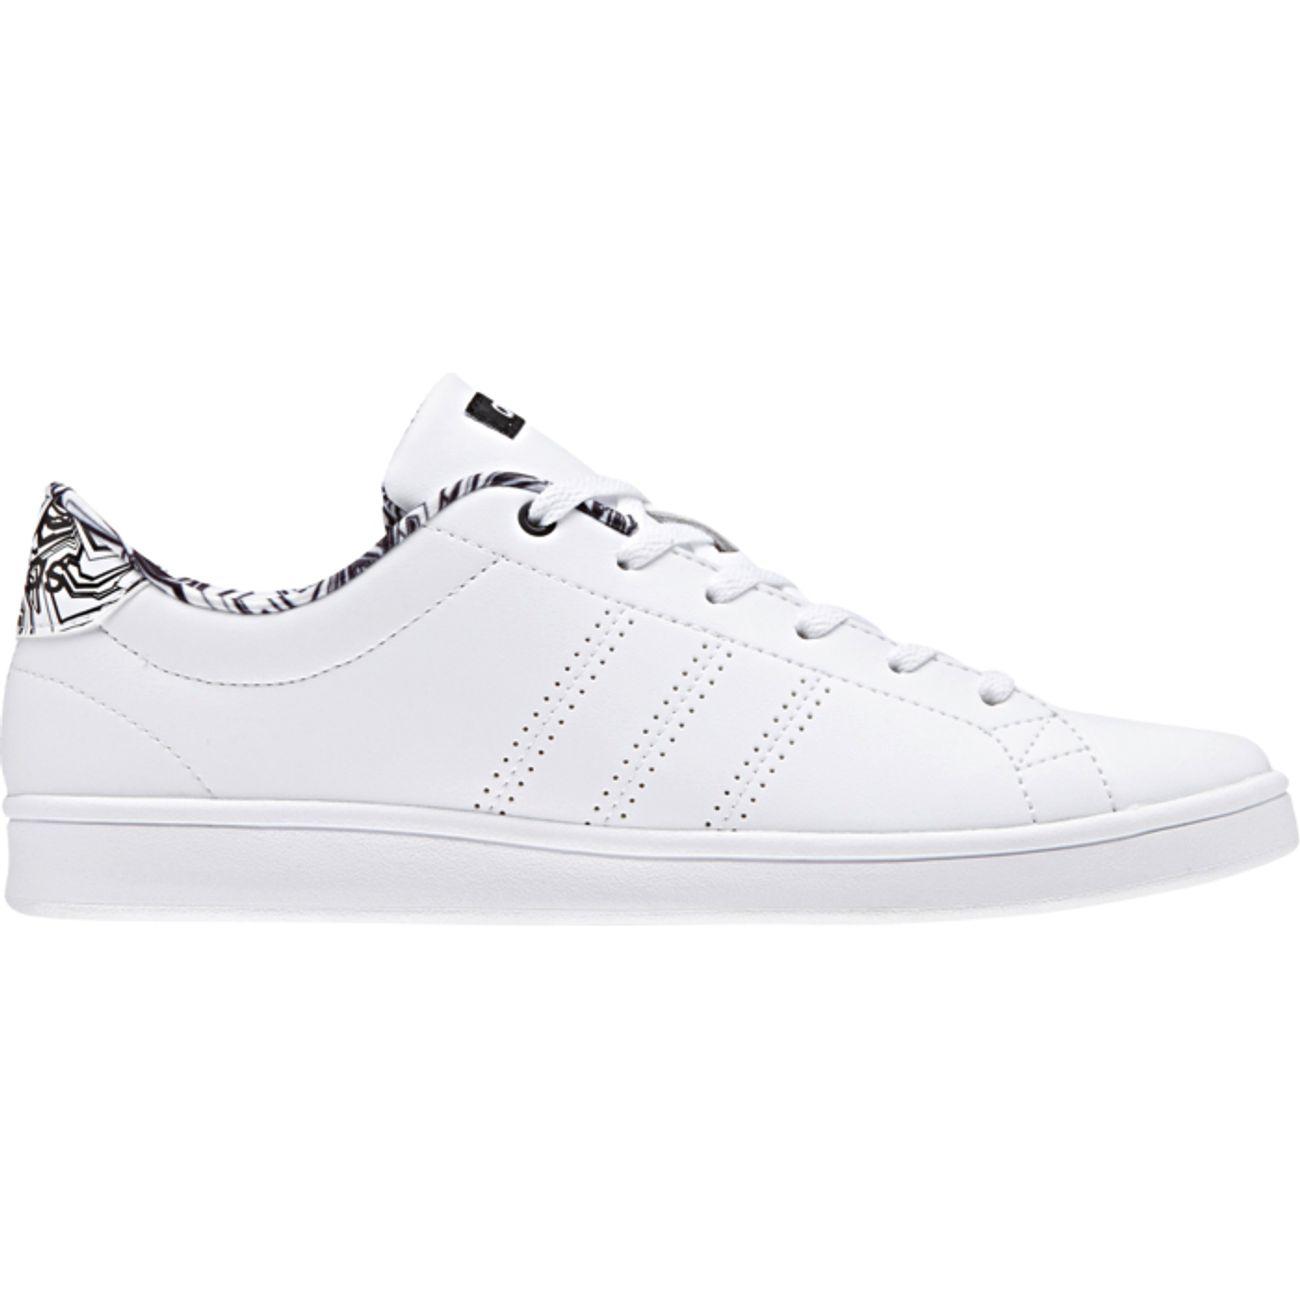 chaussures basses femme adidas advantage clean qt